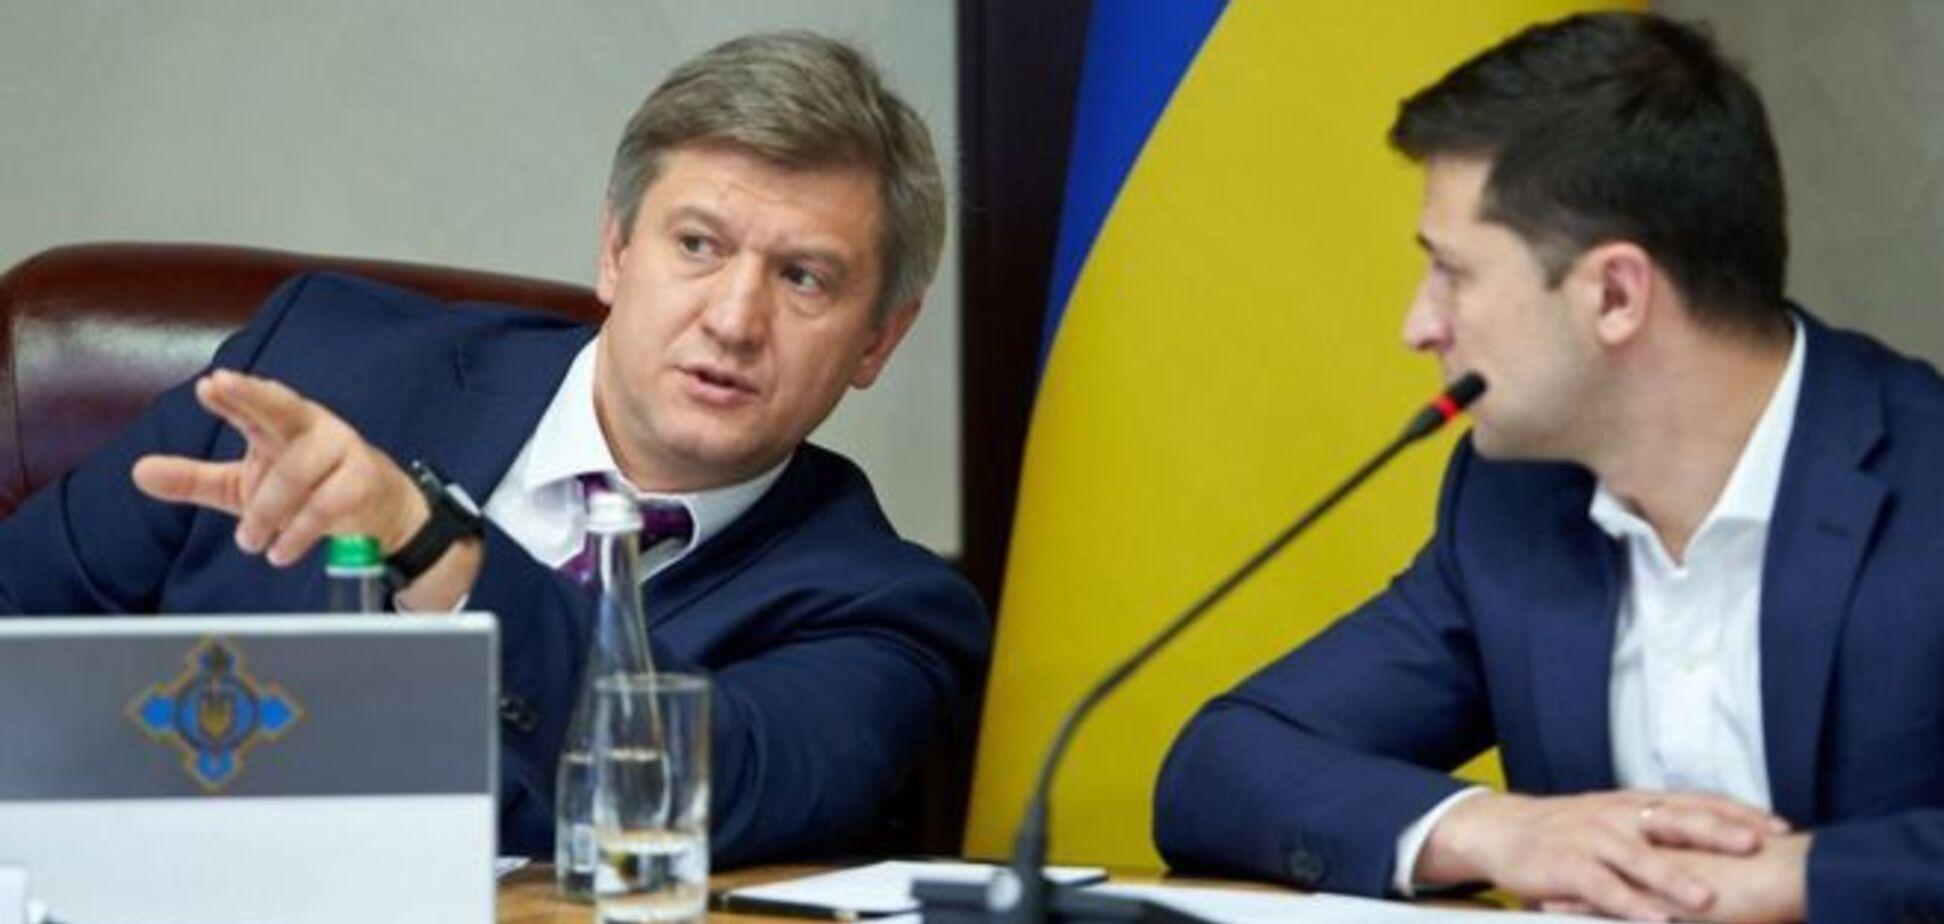 Зеленский принял отставку Данилюка – СМИ